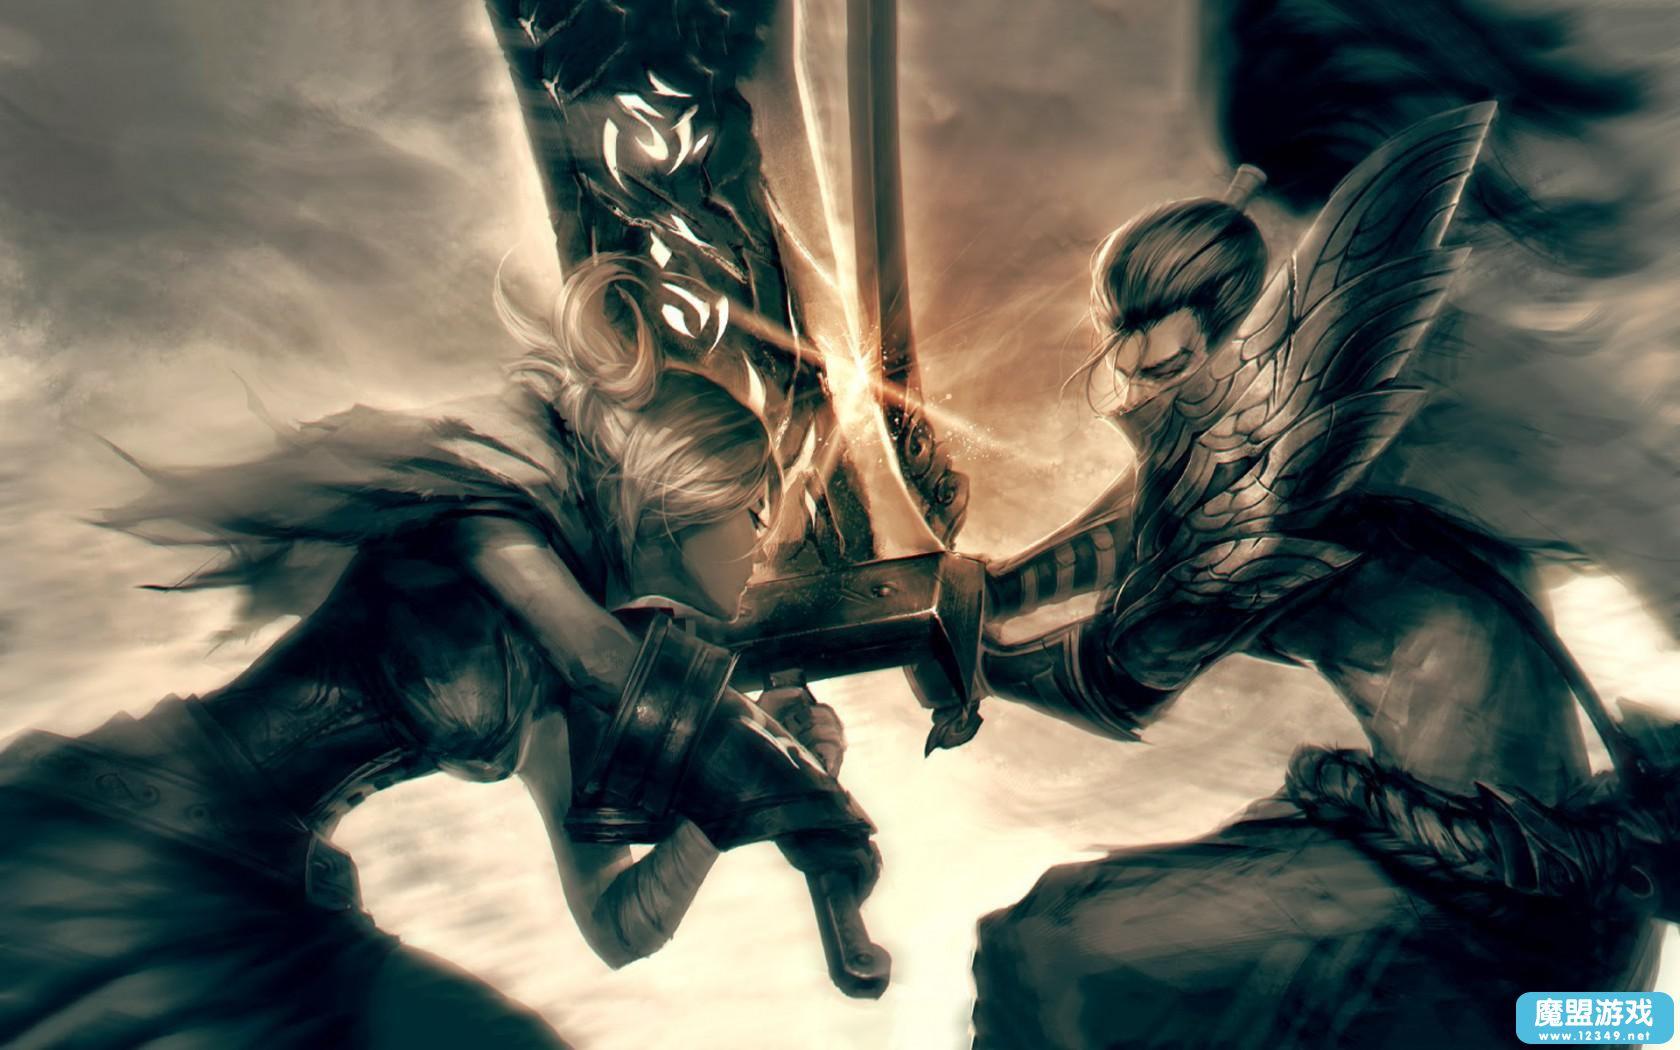 亚索的死敌竟是她 英雄死敌彩蛋大揭秘